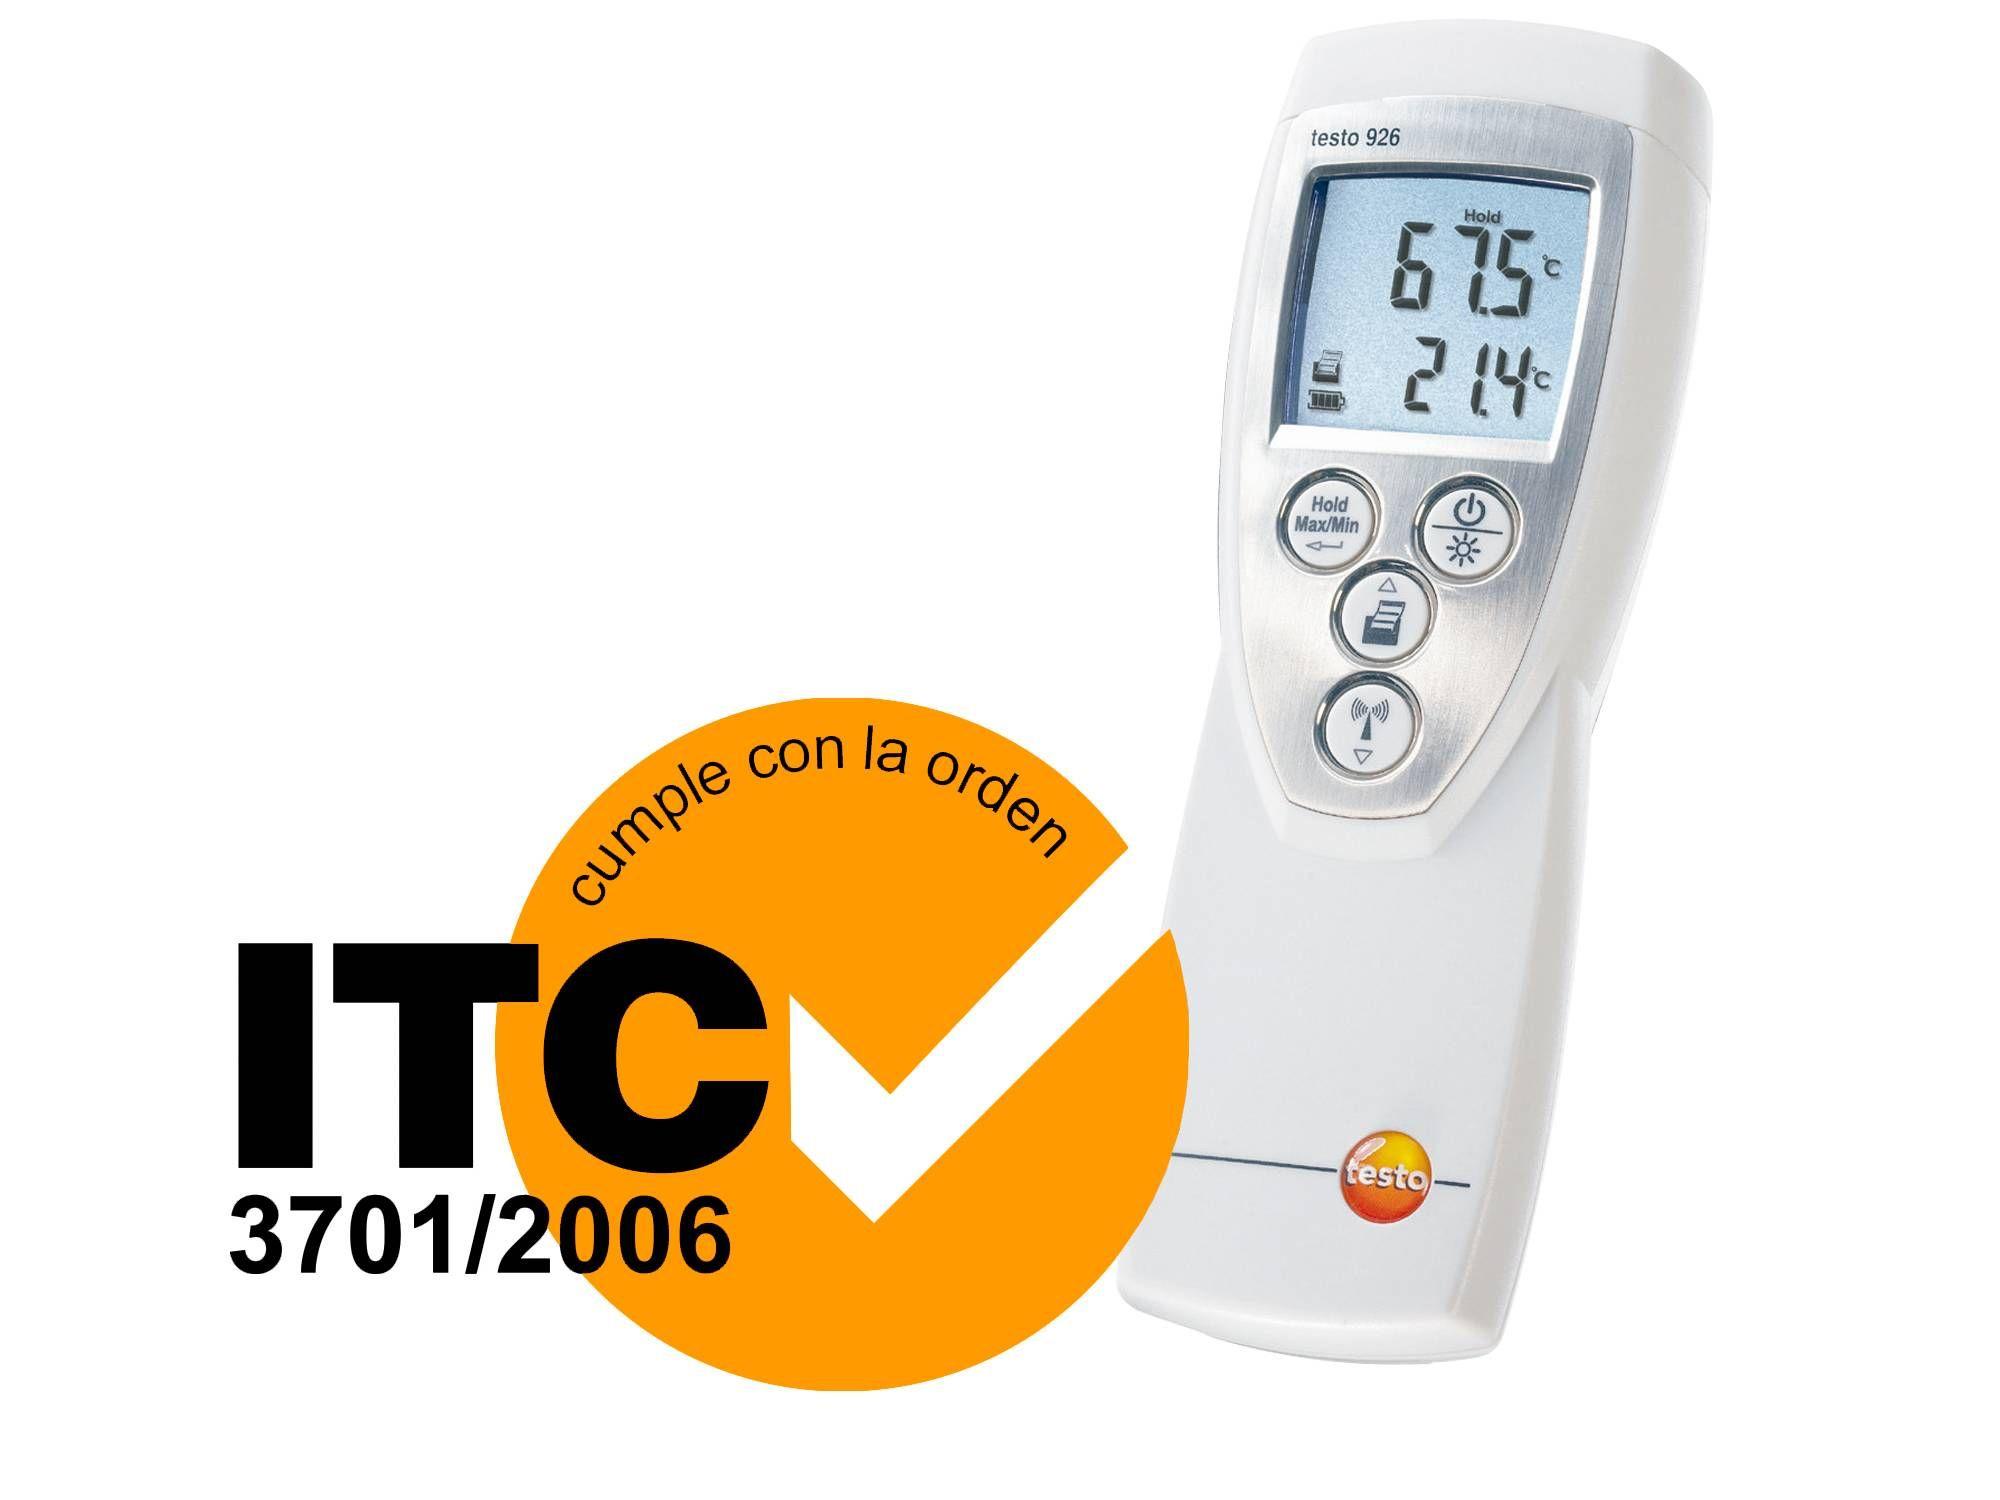 El termómetro testo 926 cumple la ITC